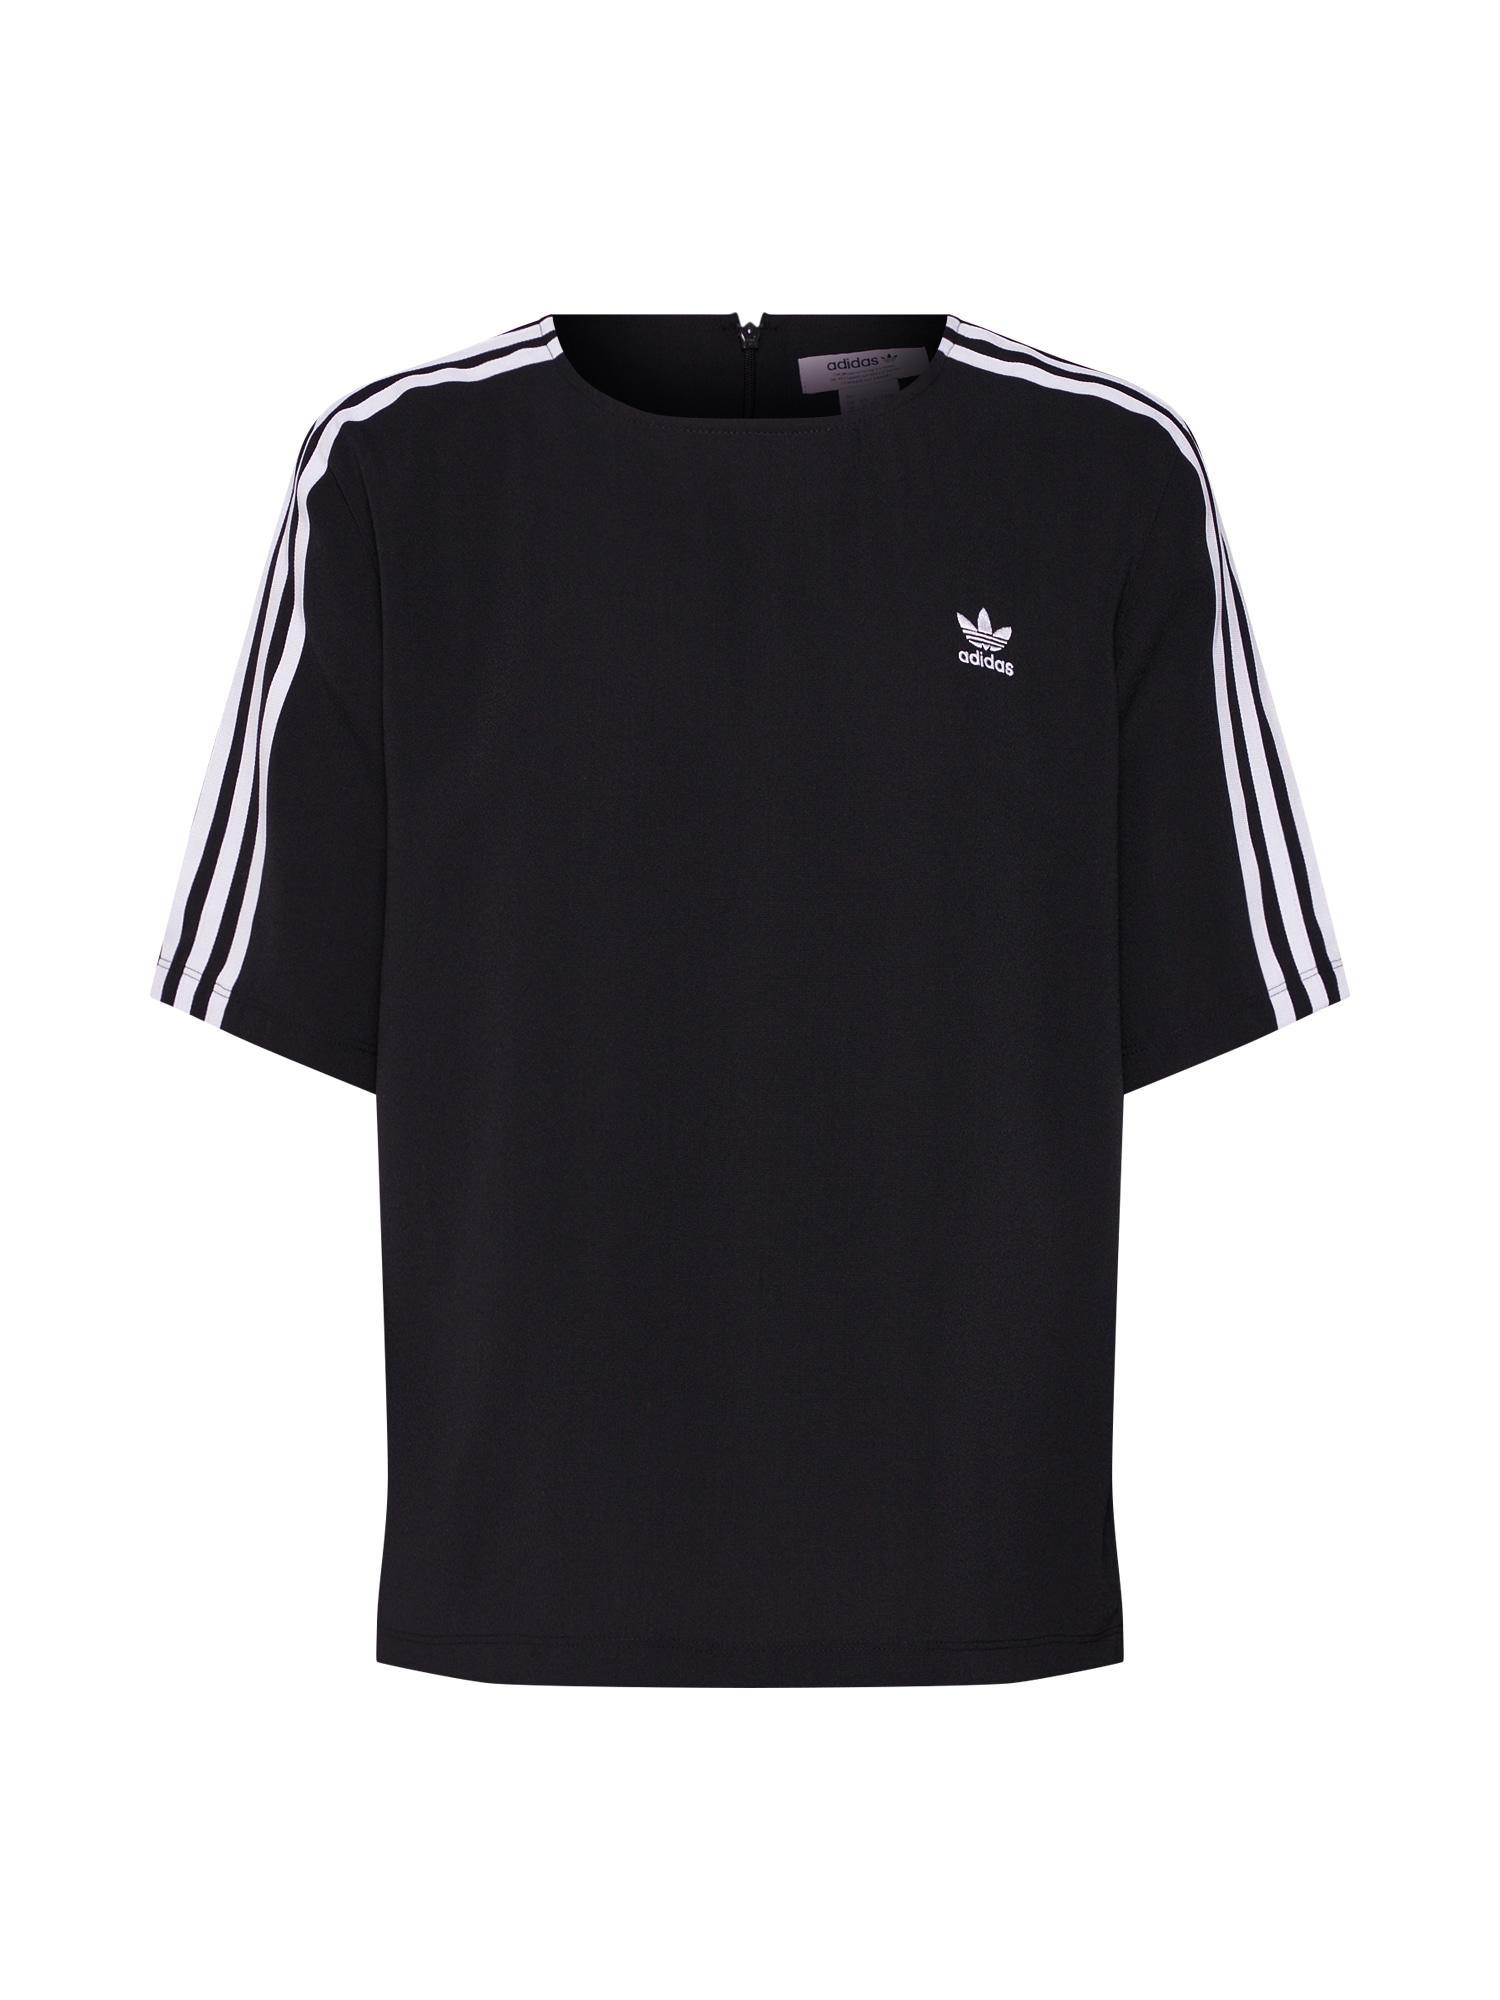 Tričko 3 STRIPES černá bílá ADIDAS ORIGINALS